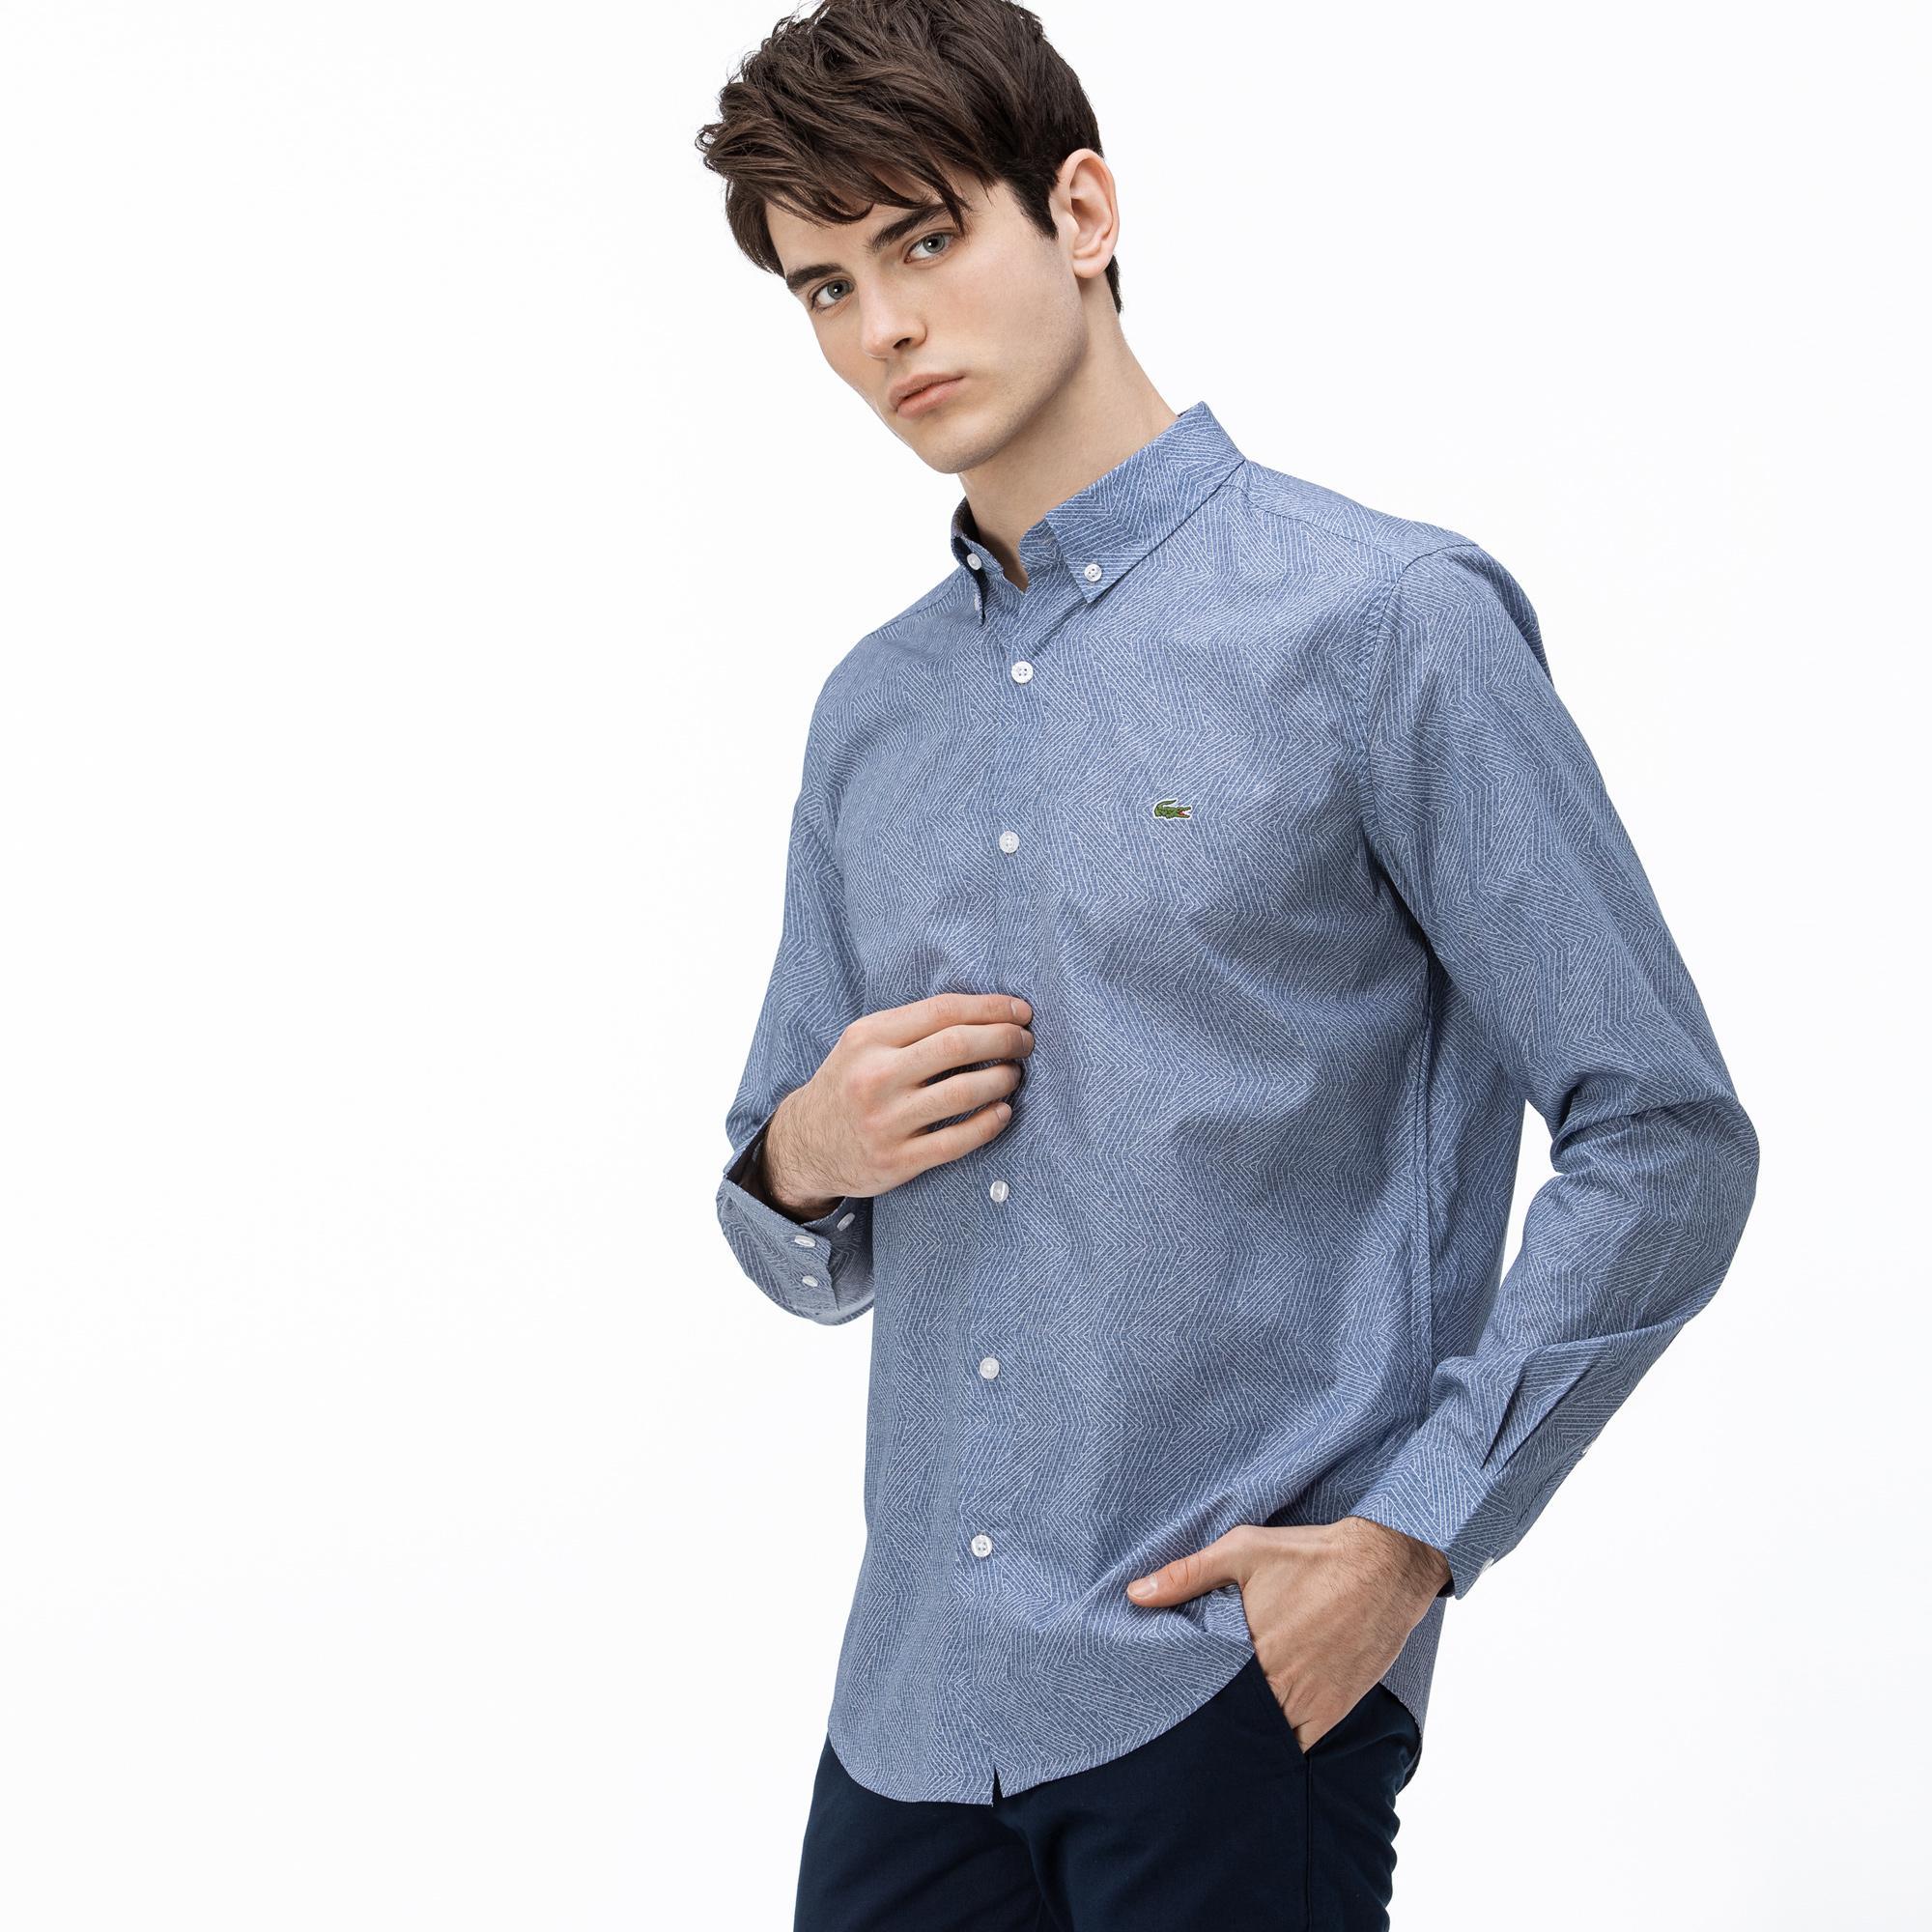 Lacoste Erkek Slim Fit Düğmeli Yaka Baskılı Lacivert Gömlek